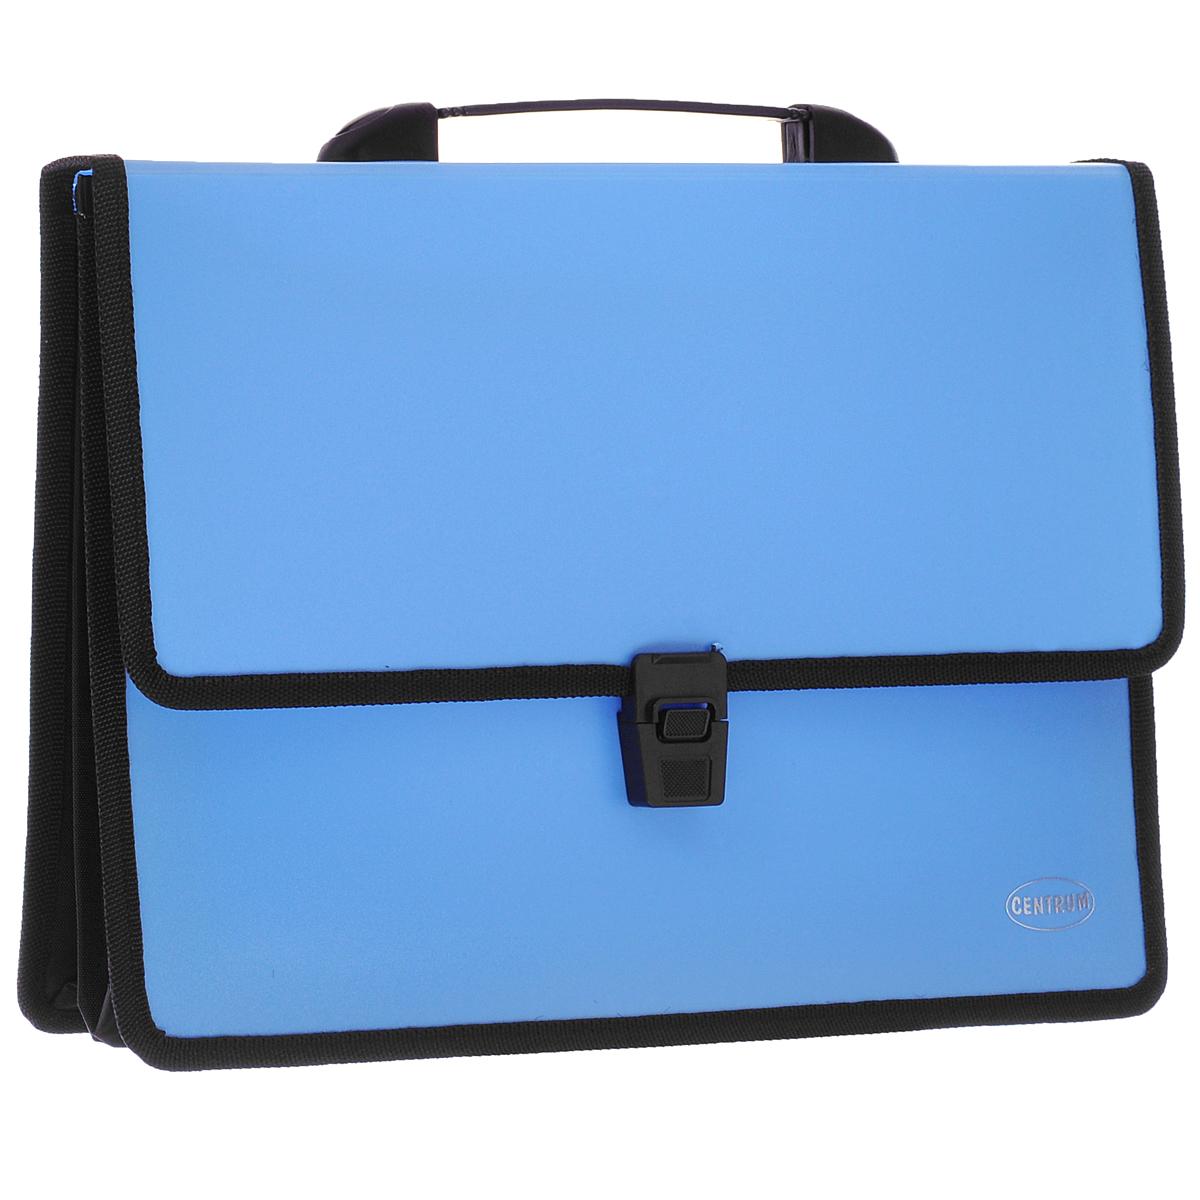 Папка-портфель Centrum, 2 отделения, с ручкой, цвет: голубойFS-36052Папка-портфель Centrum станет вашим верным помощником дома и в офисе. Это удобный и функциональный инструмент, предназначенный для хранения и транспортировки больших объемов рабочих бумаг и документов формата А4.Папка изготовлена из износостойкого высококачественного пластика толщиной 0,70 мм, и закрывается на широкий клапан с замком. Состоит из 2 вместительных отделений. Грани папки отделаны полиэстером, а уголки закруглены для обеспечения дополнительной прочности и сохранности опрятного вида папки. Папка имеет удобную ручку для переноски.Папка - это незаменимый атрибут для любого студента, школьника или офисного работника. Такая папка надежно сохранит ваши бумаги и сбережет их от повреждений, пыли и влаги.